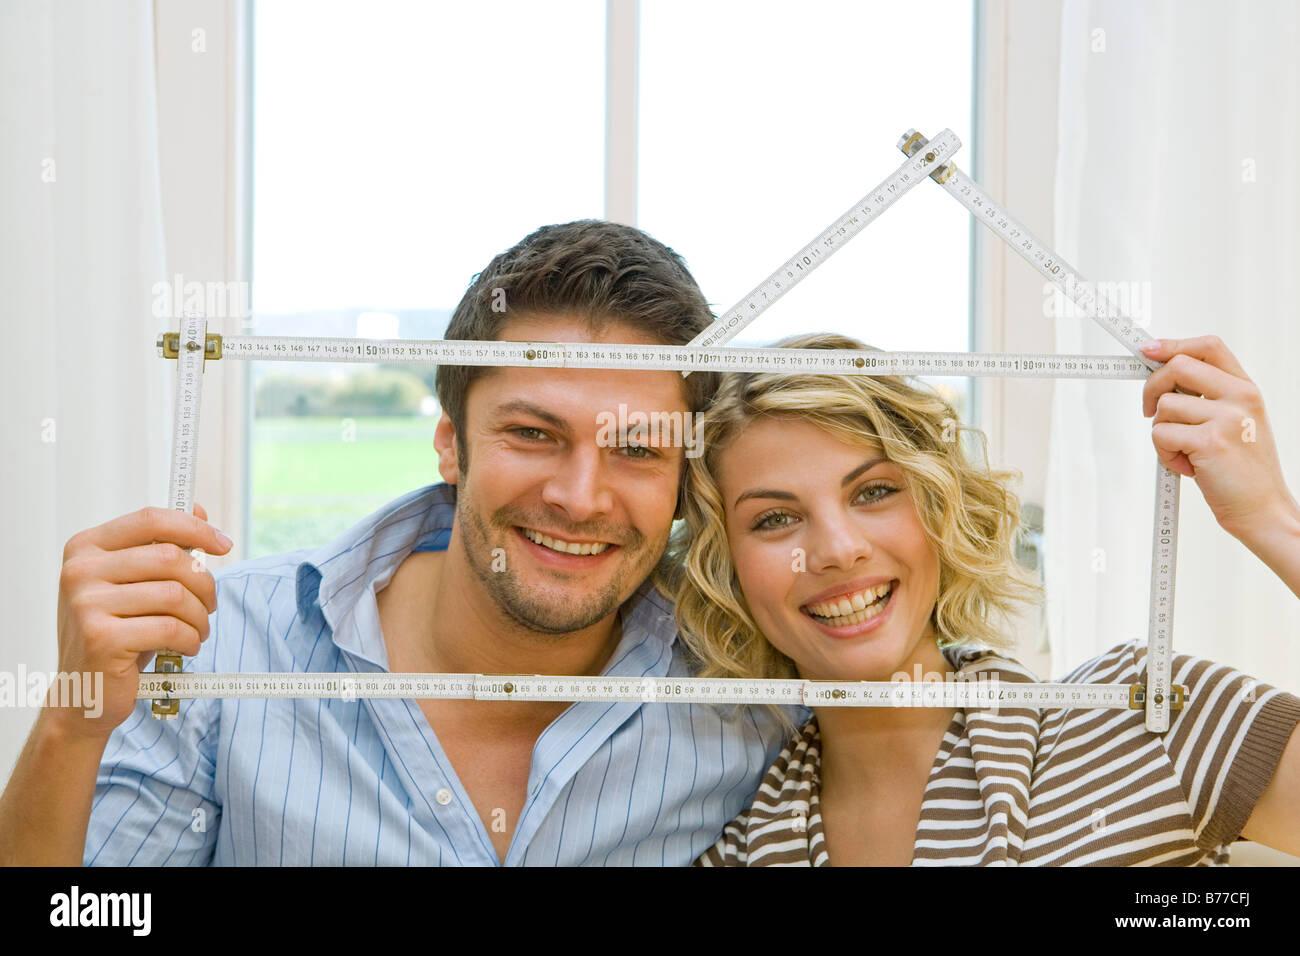 Paar-Anlage Ein Eigenheim, glückliches junges Paar plant ein Zuhause Stockbild